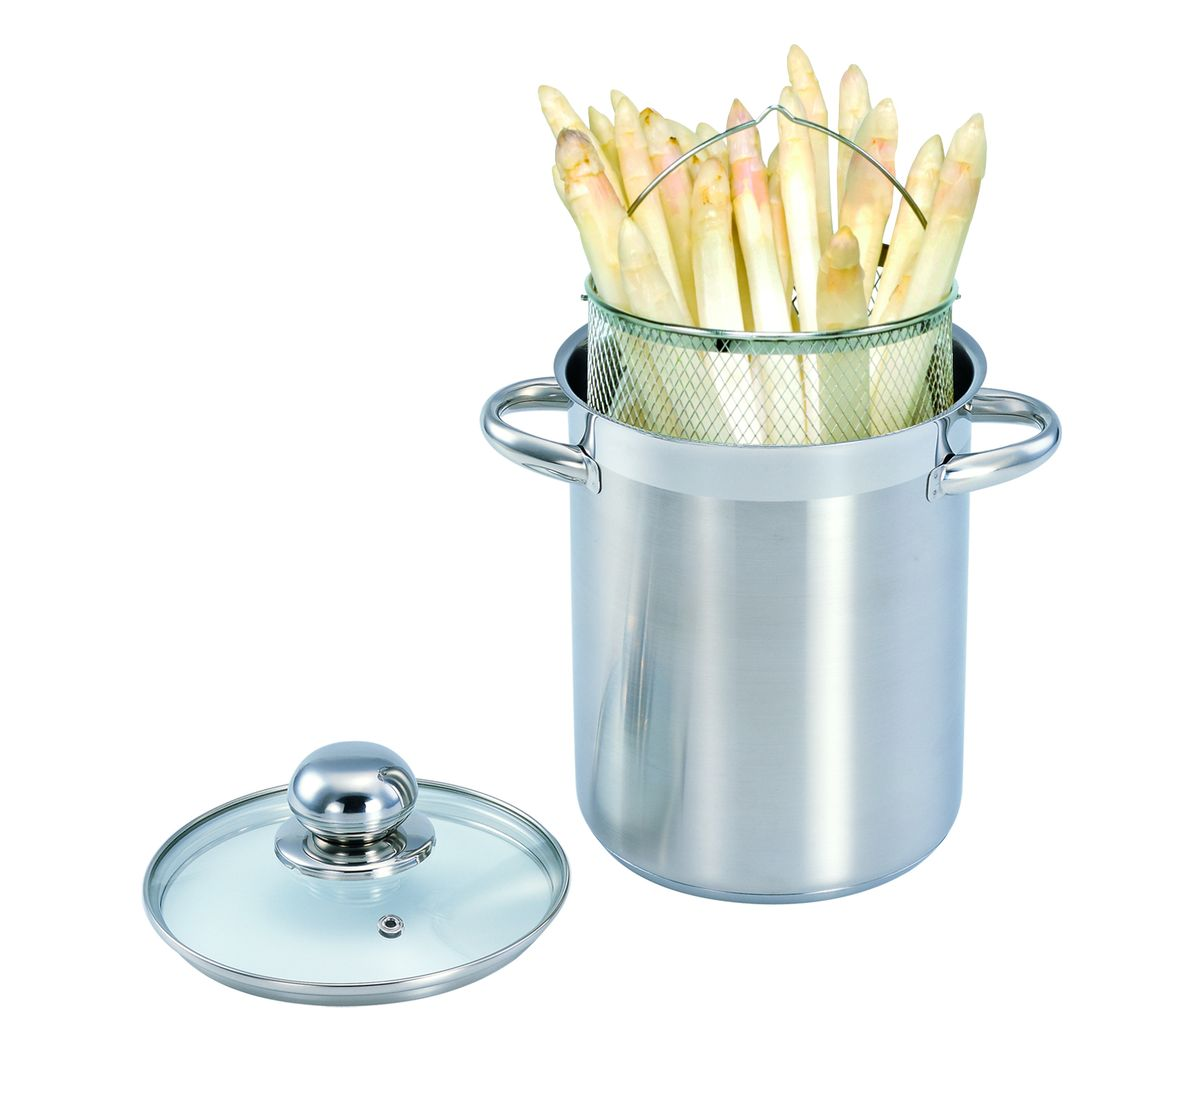 Кастрюля для спагетти SSW, с крышкой, 4,1 л440016Кастрюля для спагетти изготовлена из высококачественной нержавеющей стали 18/10 с полировкой поверхности до зеркального блеска. Кастрюля для спагетти представляет собой основную кастрюлю и вставку-сетку. Такая кастрюля идеально подходит для приготовления всех видов макаронных изделий, варки компотов. Сетка-вставка может заменить дуршлаг. Можно использовать как фритюрницу. Высококачественное трехслойное основание с цельноалюминиевой сердцевиной быстро поглощает тепло и равномерно распределяет. Сварные ручки из нержавеющей стали обеспечивают превосходную прочность и долговечность. Крышка с вентиляционным отверстием изготовлена из качественного жаростойкого стекла, что позволяет контролировать процесс приготовления пищи без потерь тепла, а также обеспечивает легкость и контроль приготовления пищи.Подходит для всех типов конфорок, включая индукционные. Пригодна для мытья в посудомоечной машине.